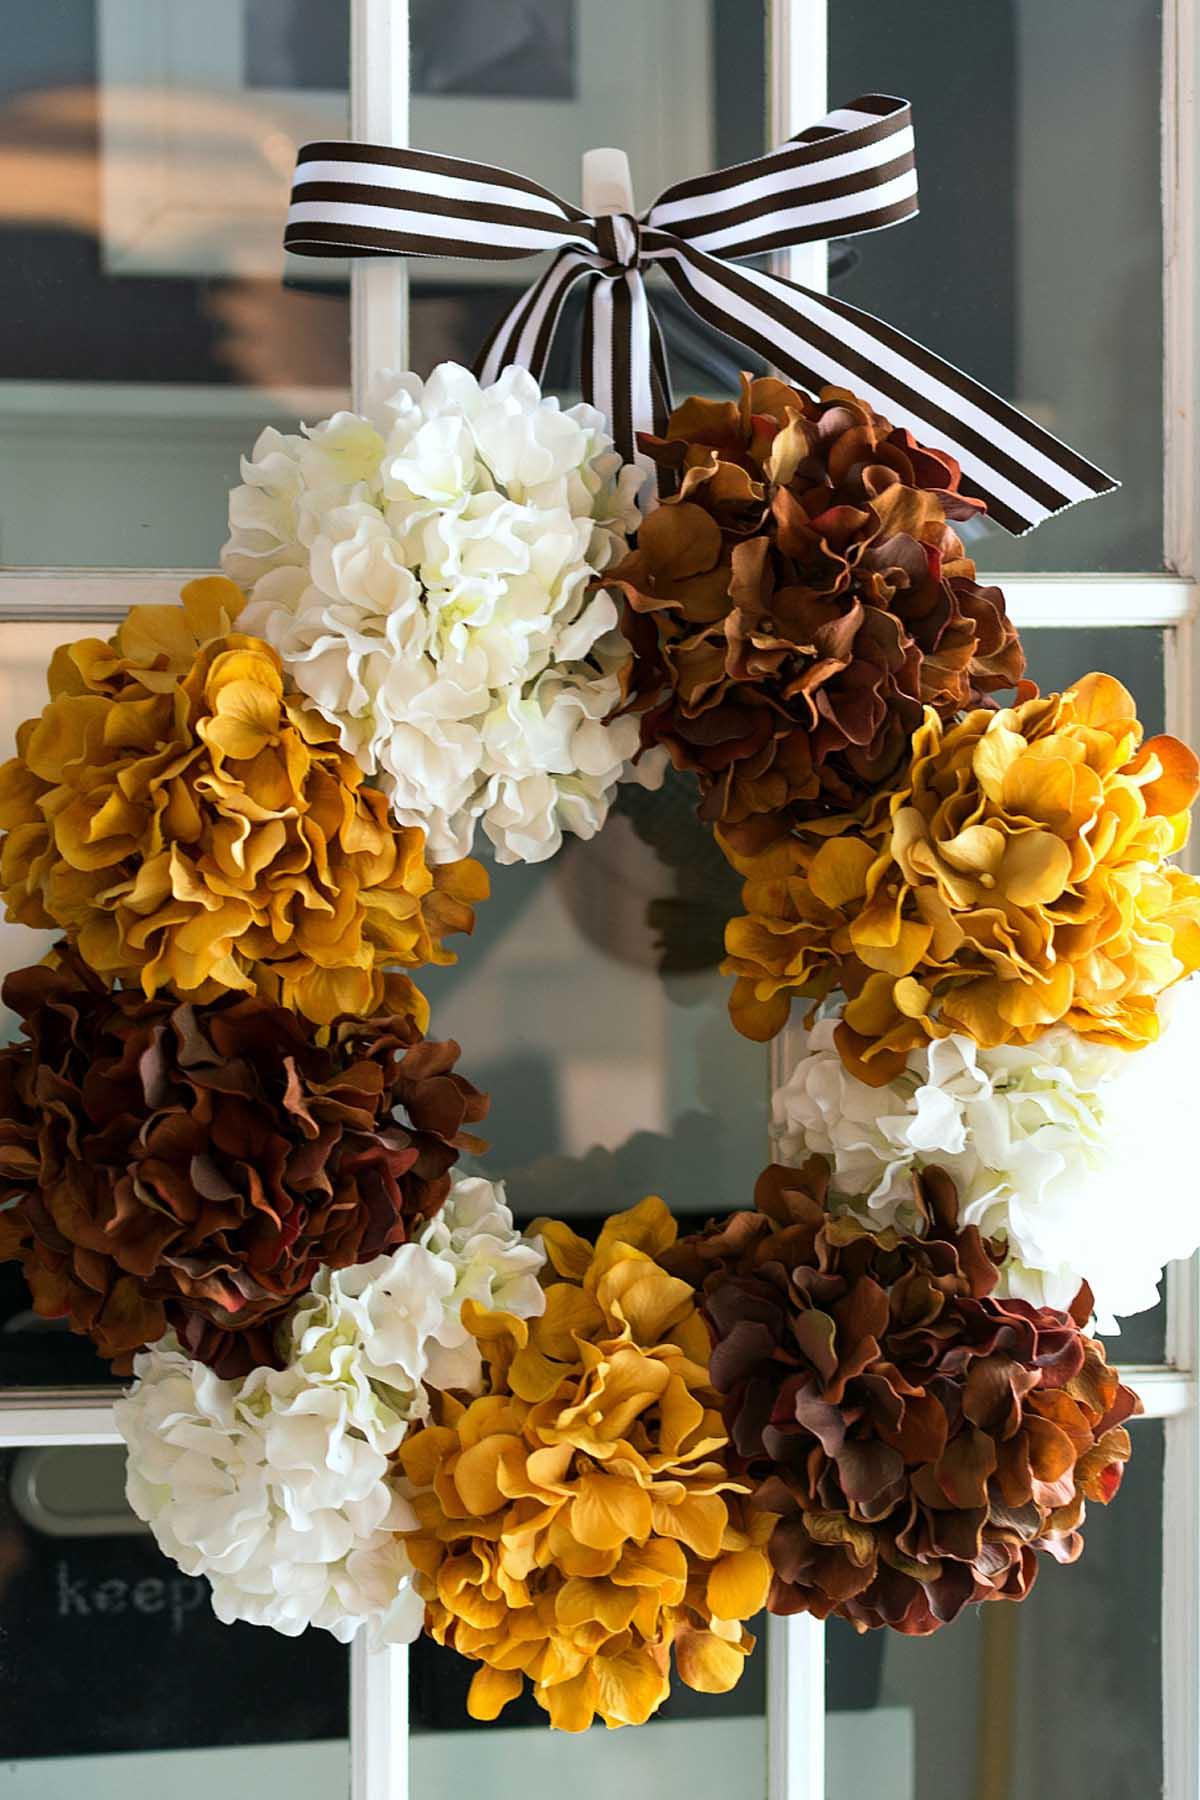 20 DIY Fall Wreaths - Easy Ideas for Autumn Wreaths